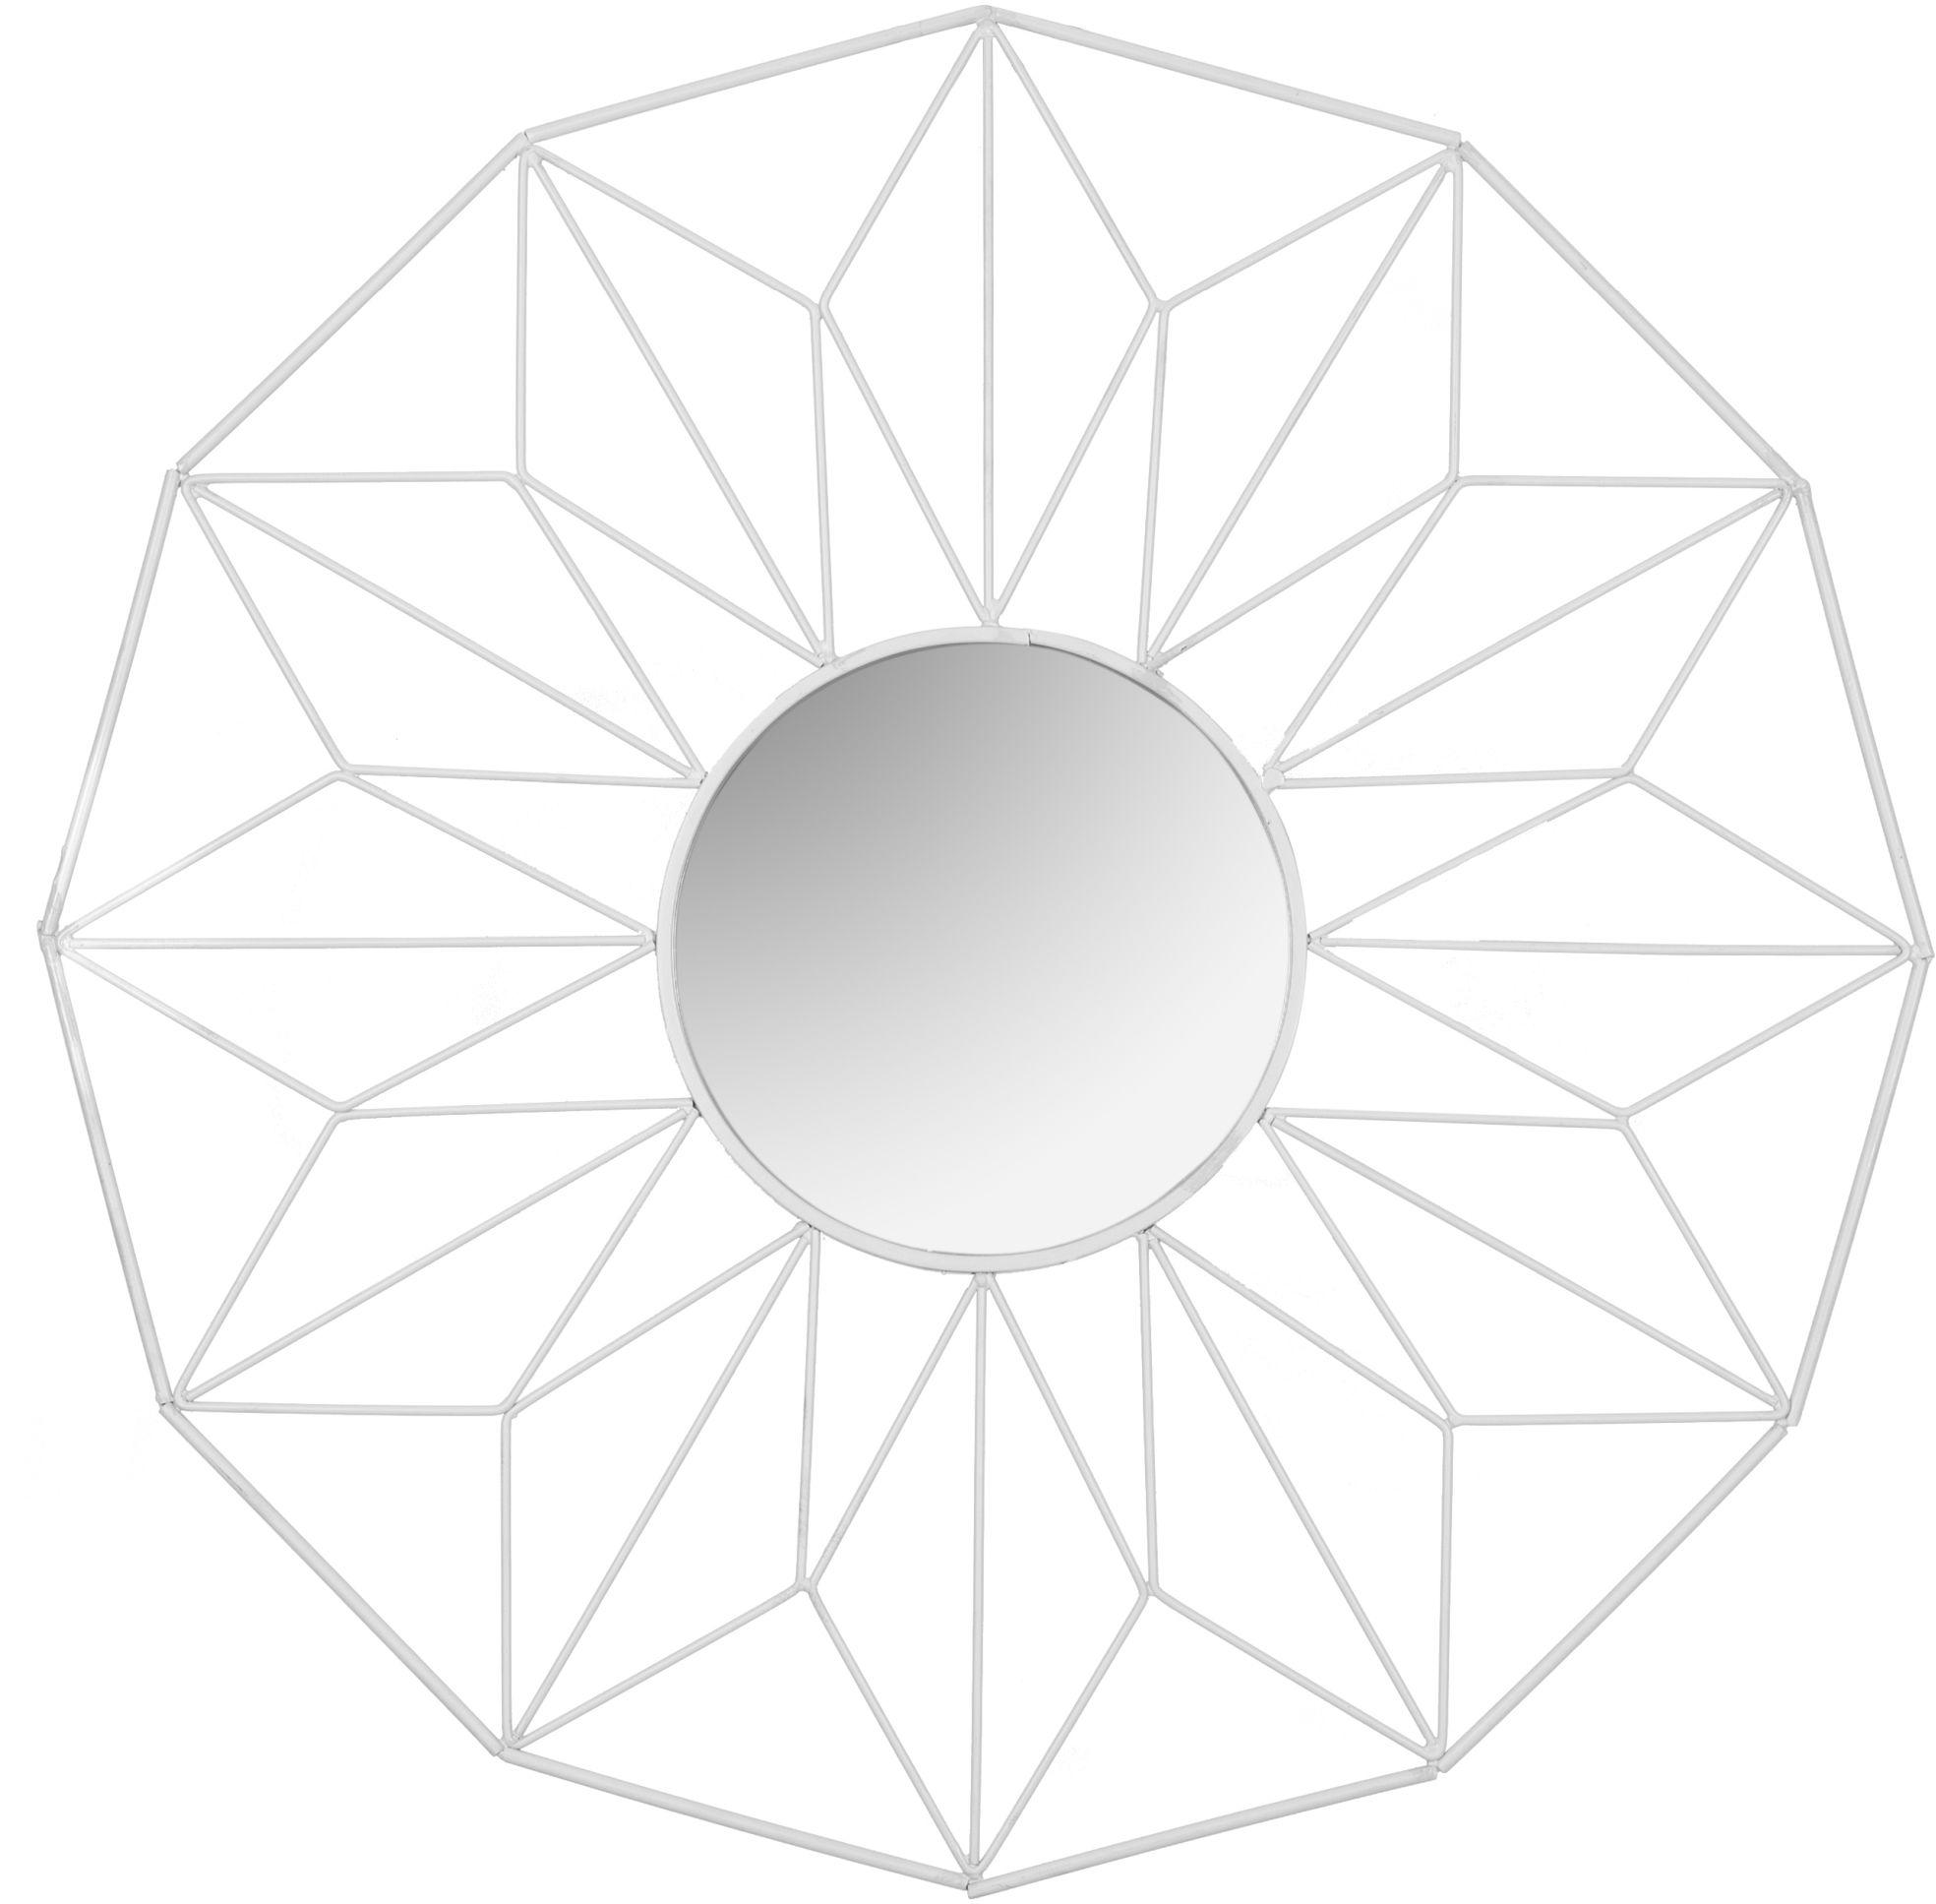 Tutumi Lustro geometryczne 12-kątne białe 58 cm